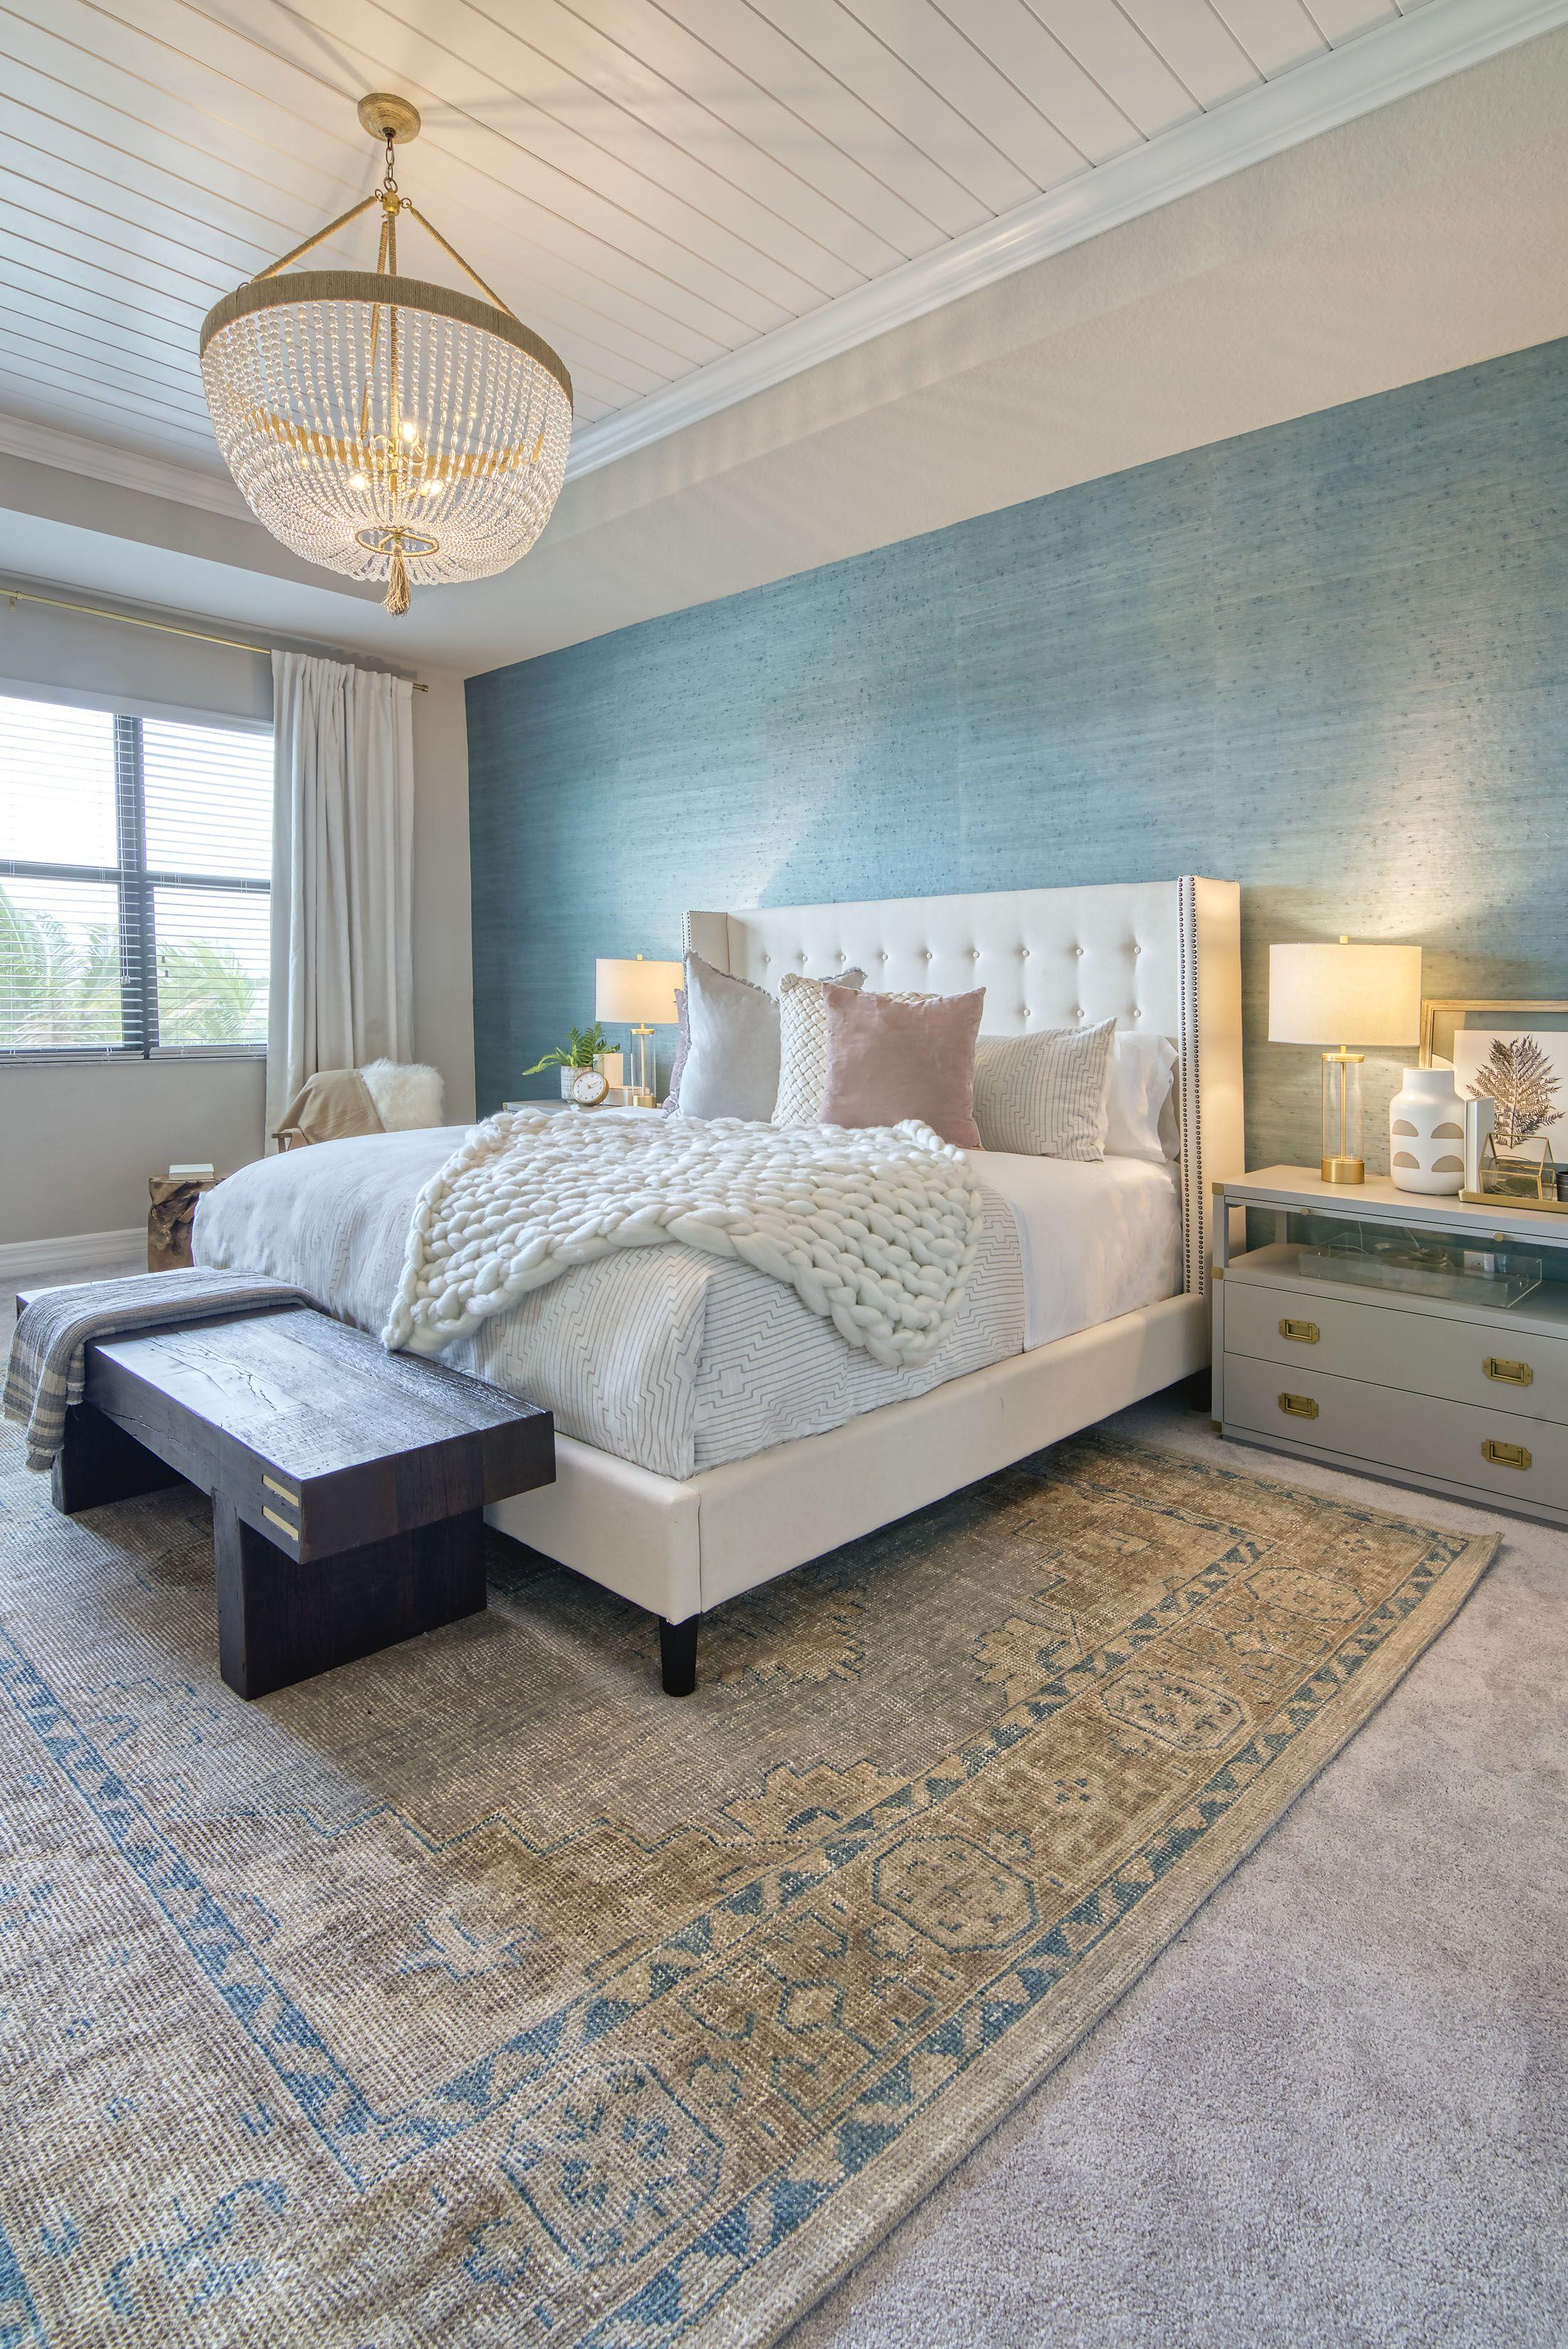 Master bedroom inspiration wallpaper grasscloth